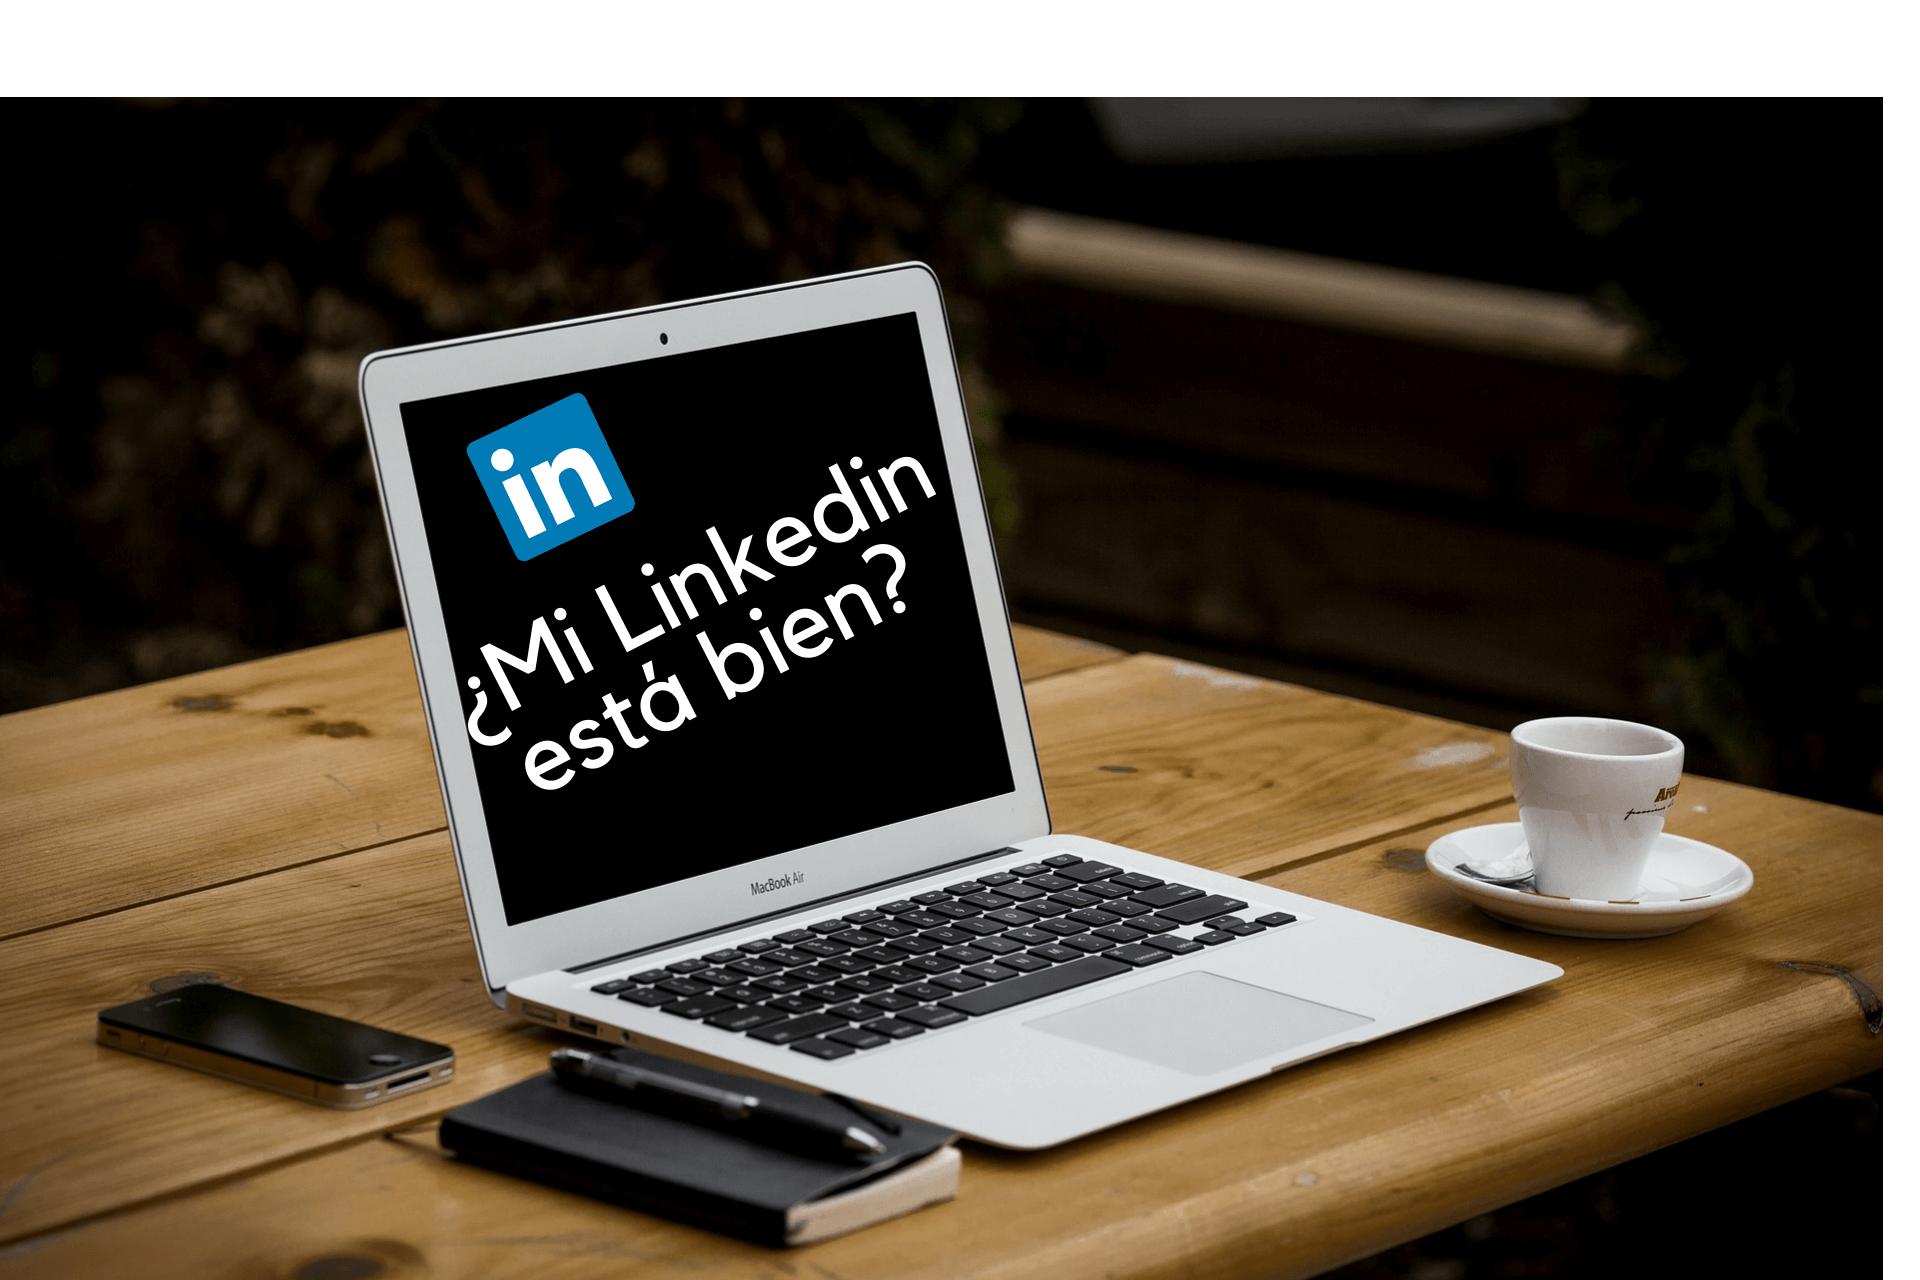 Perfil de Linkedin express